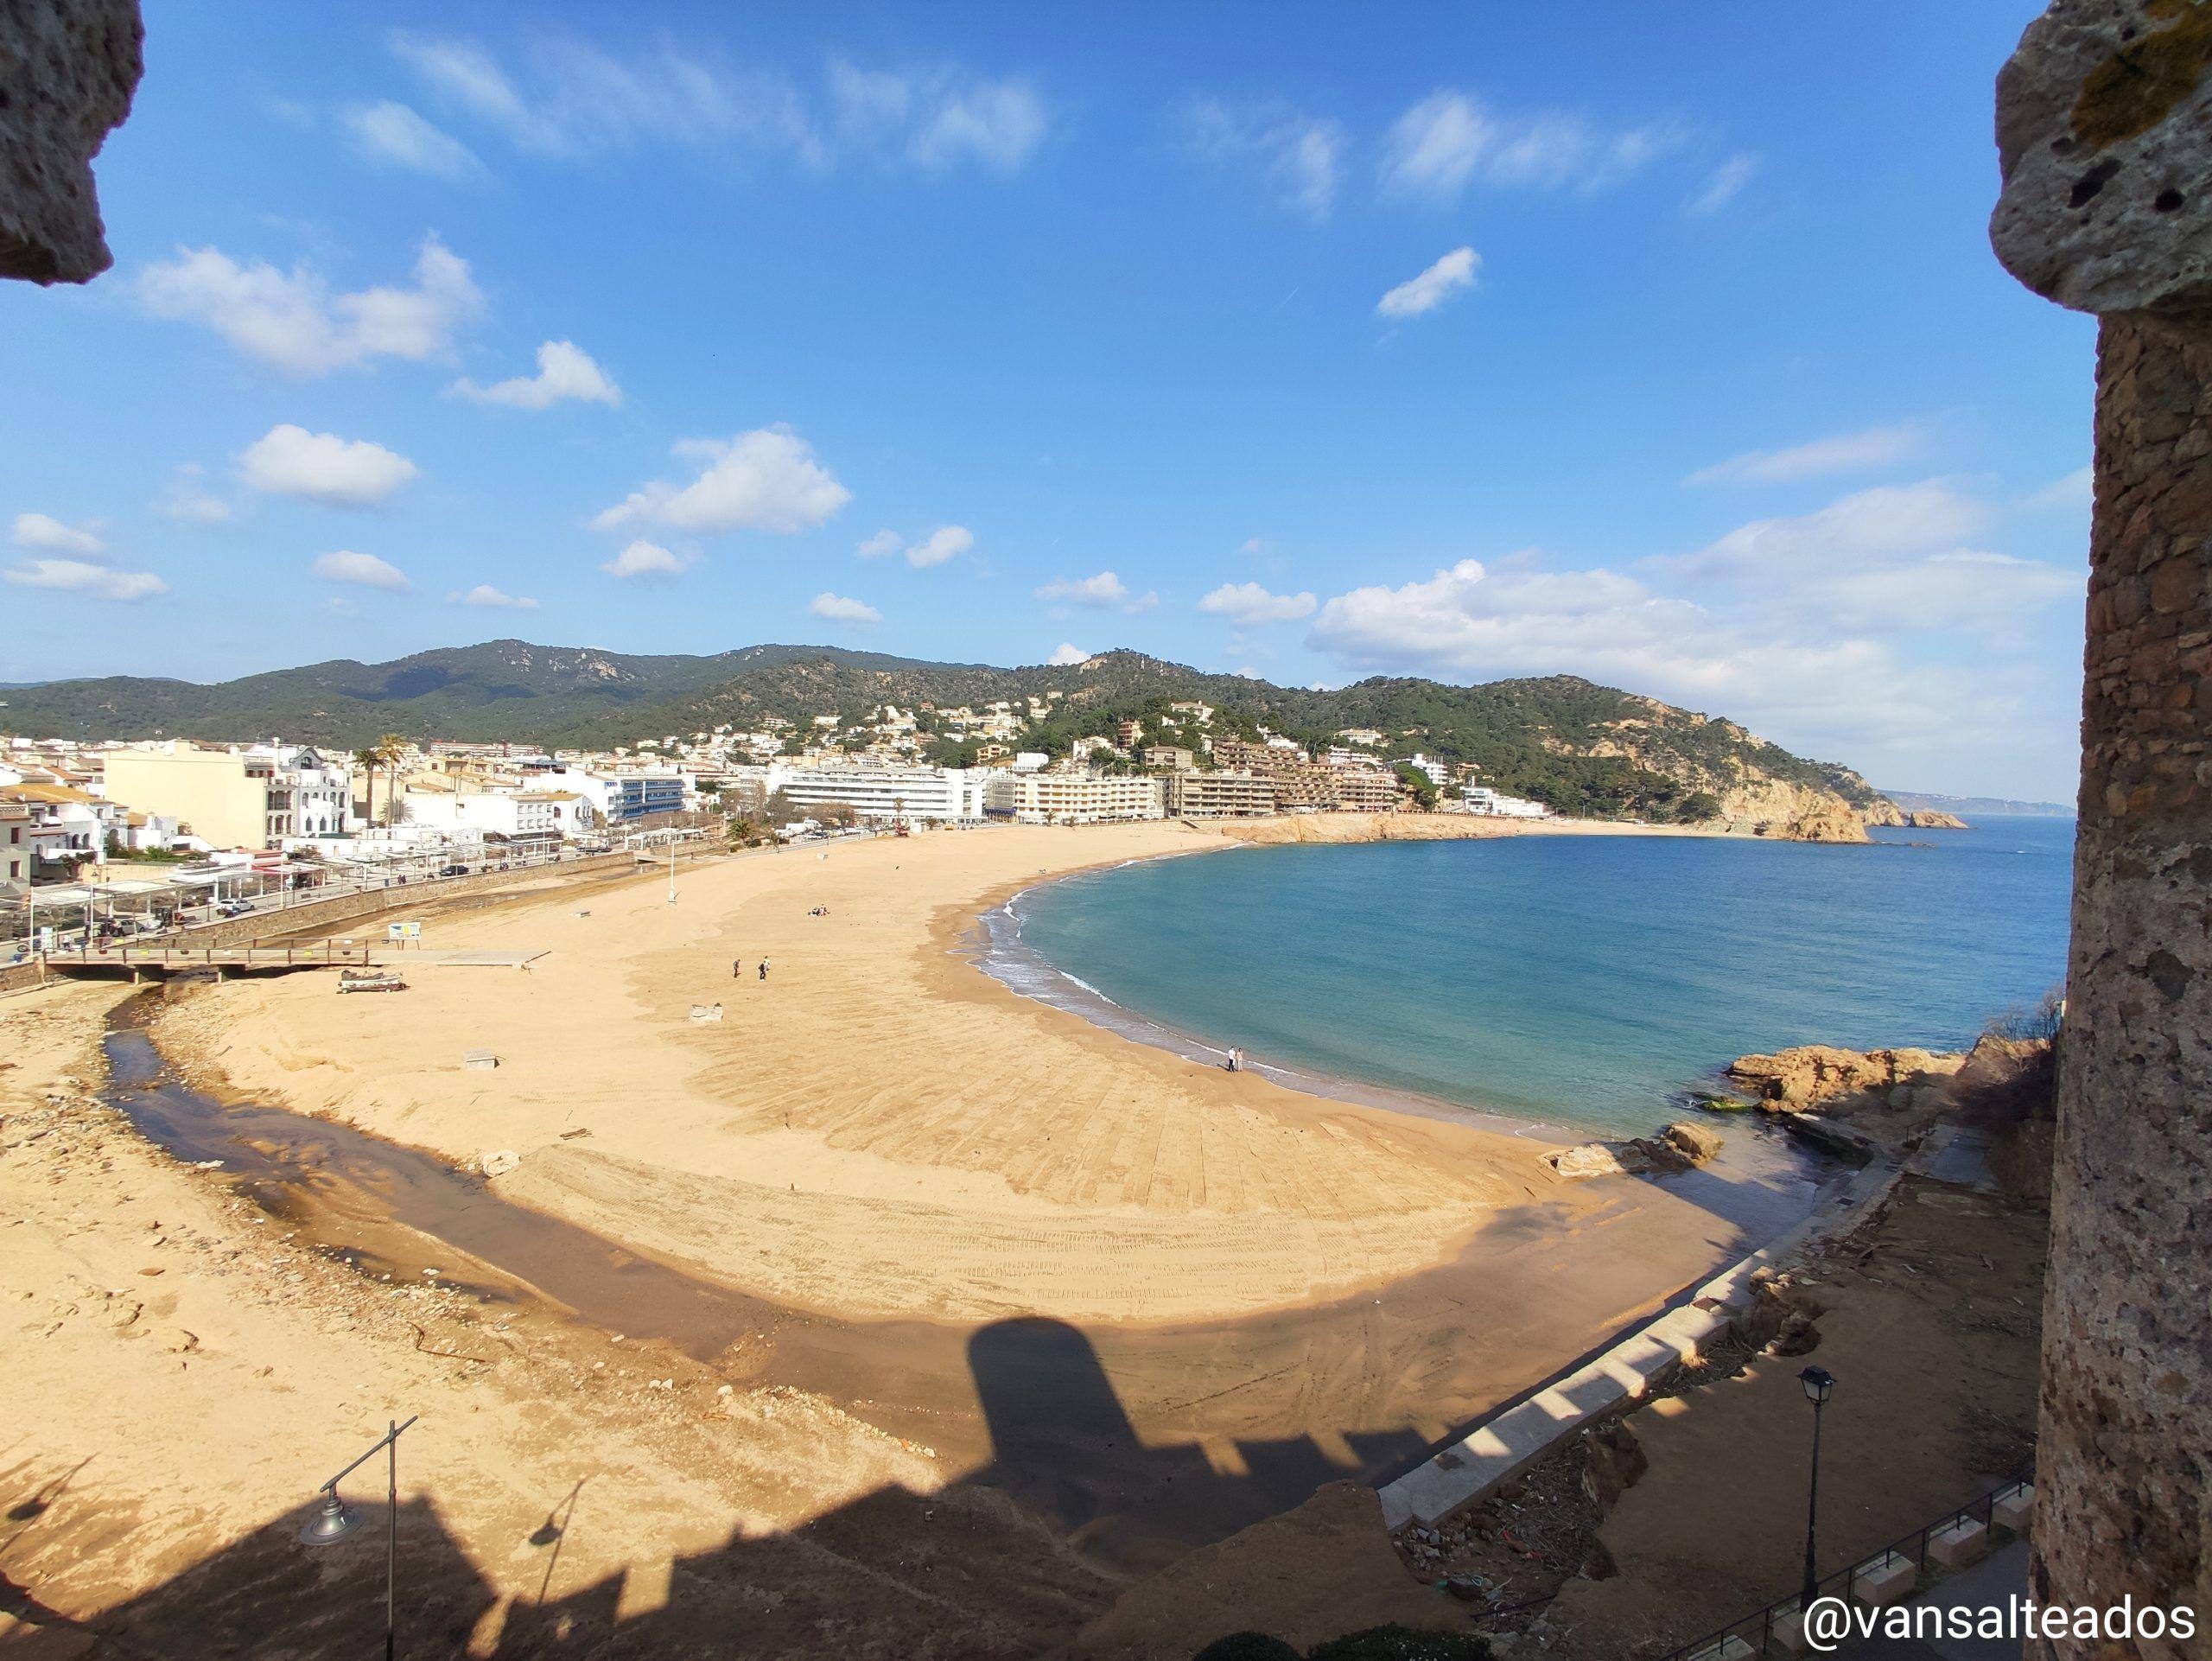 Vistas a la playa desde la muralla en Tossa de Mar